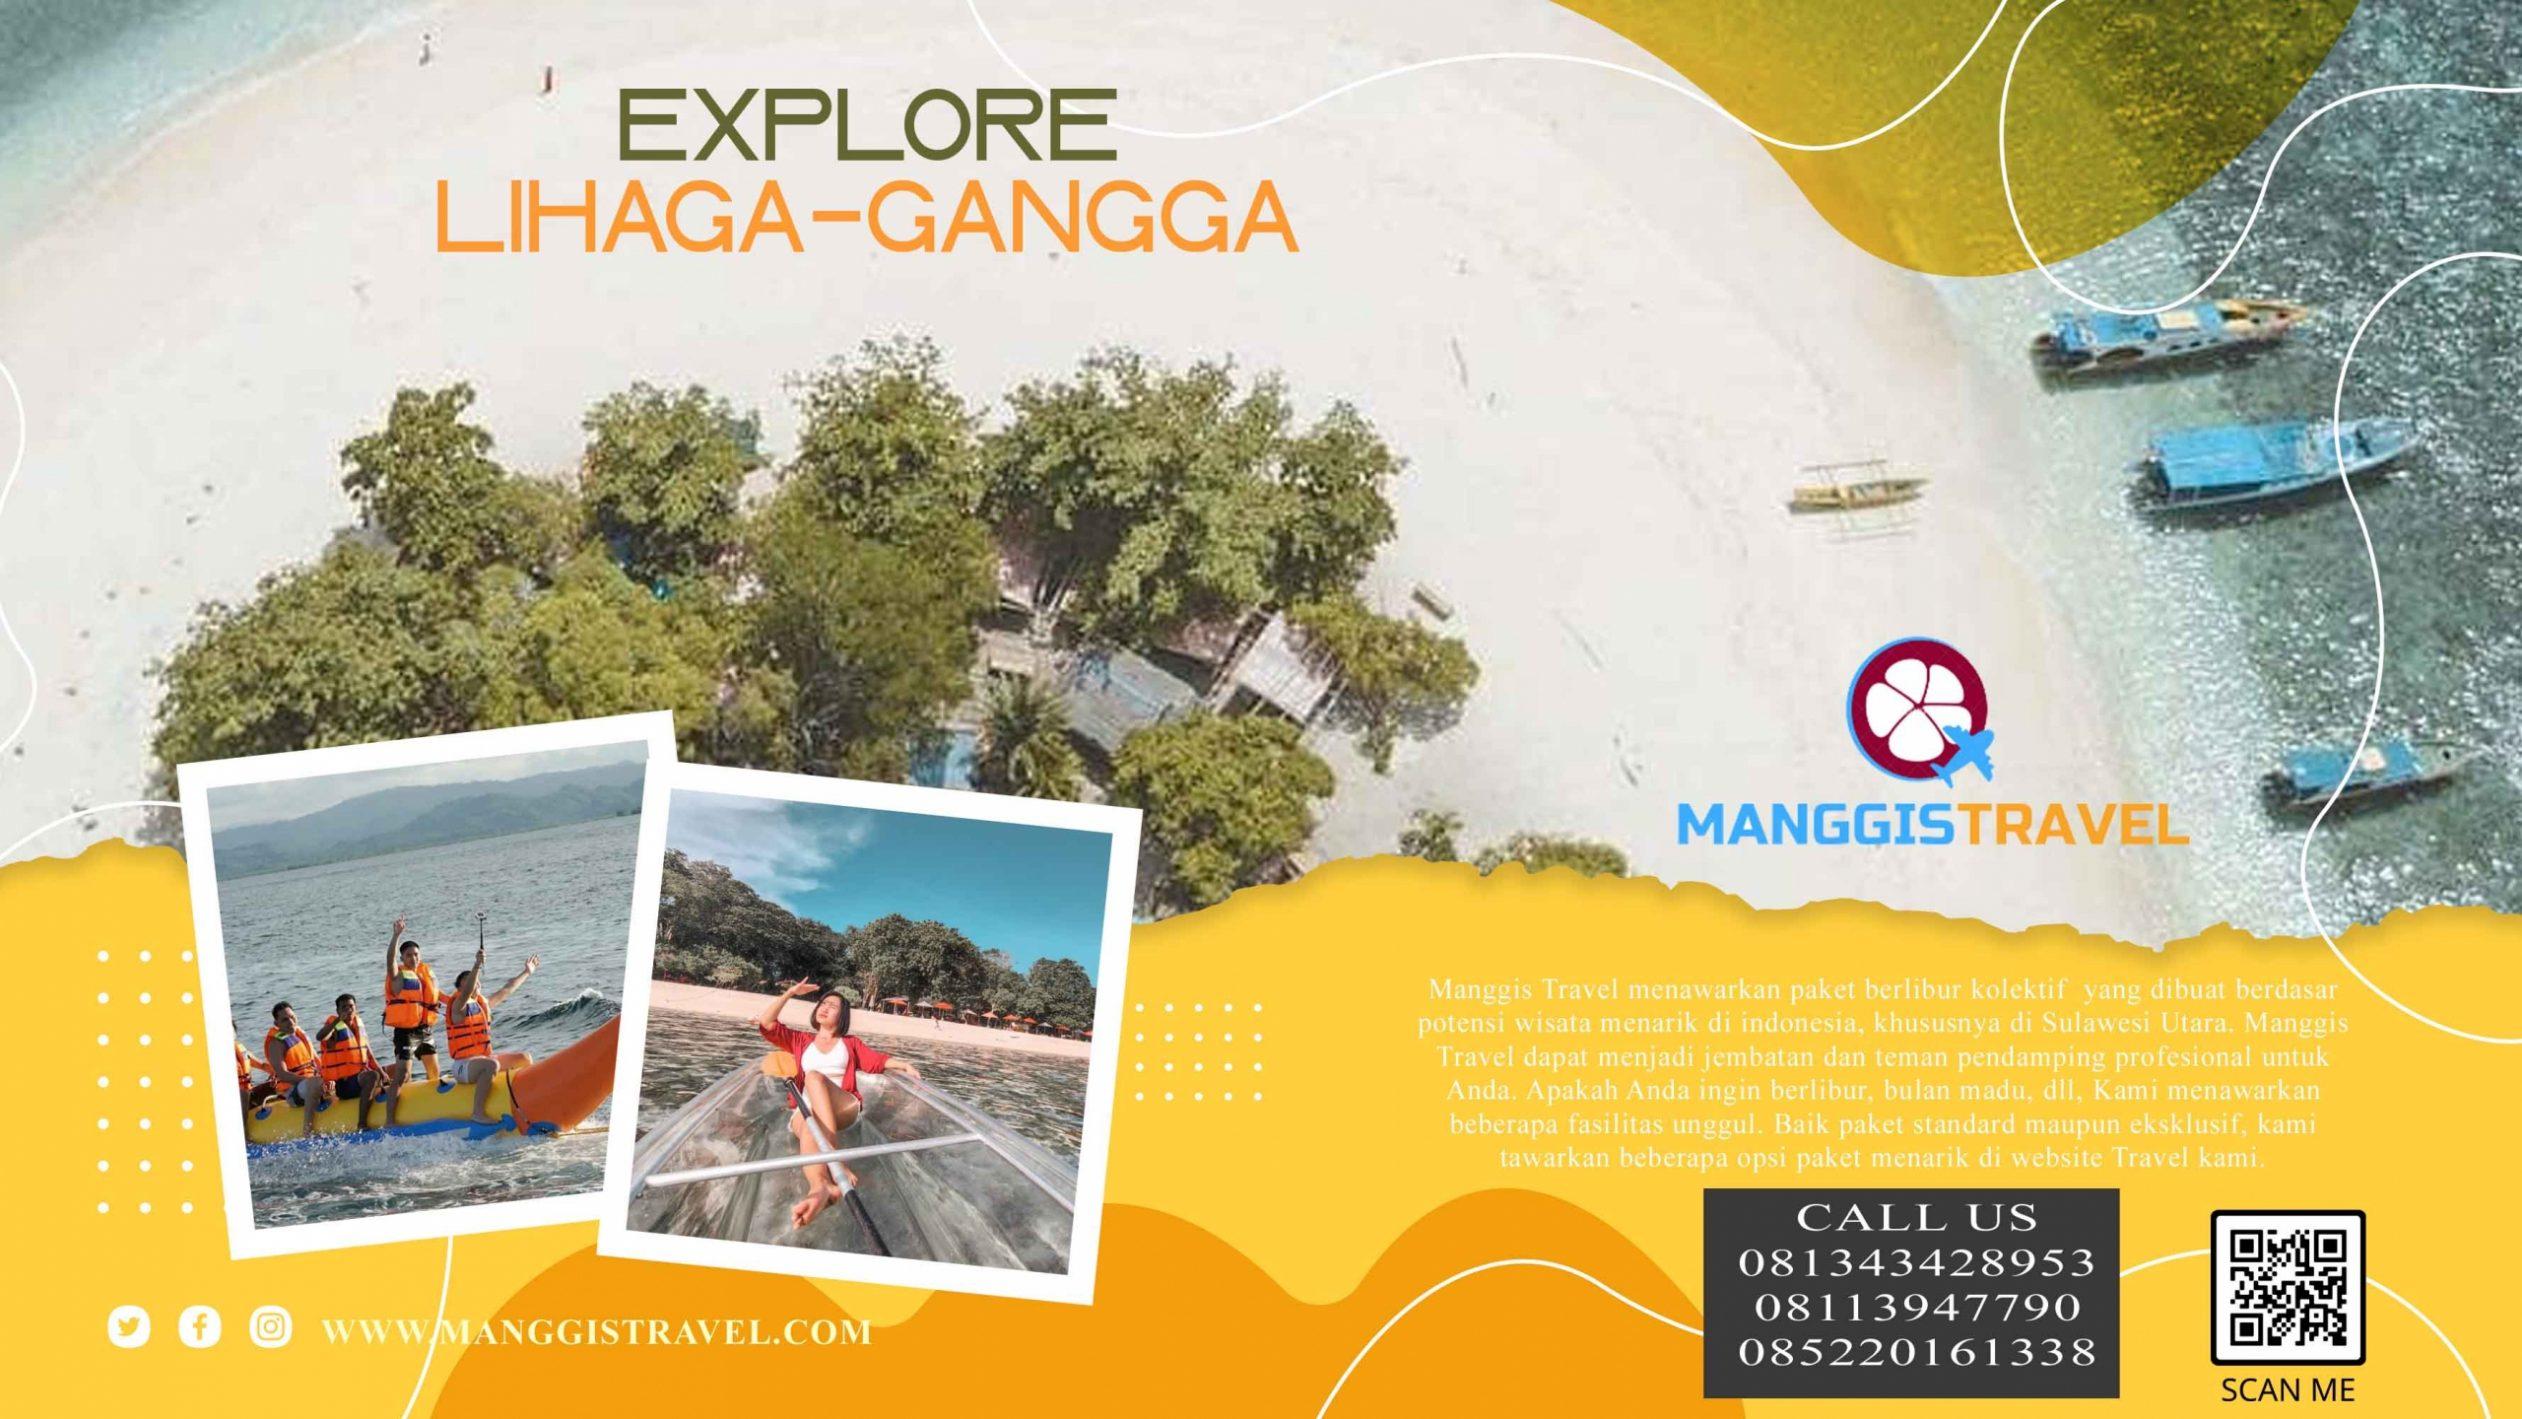 Wisata-Pulau-Lihaga-Gangga